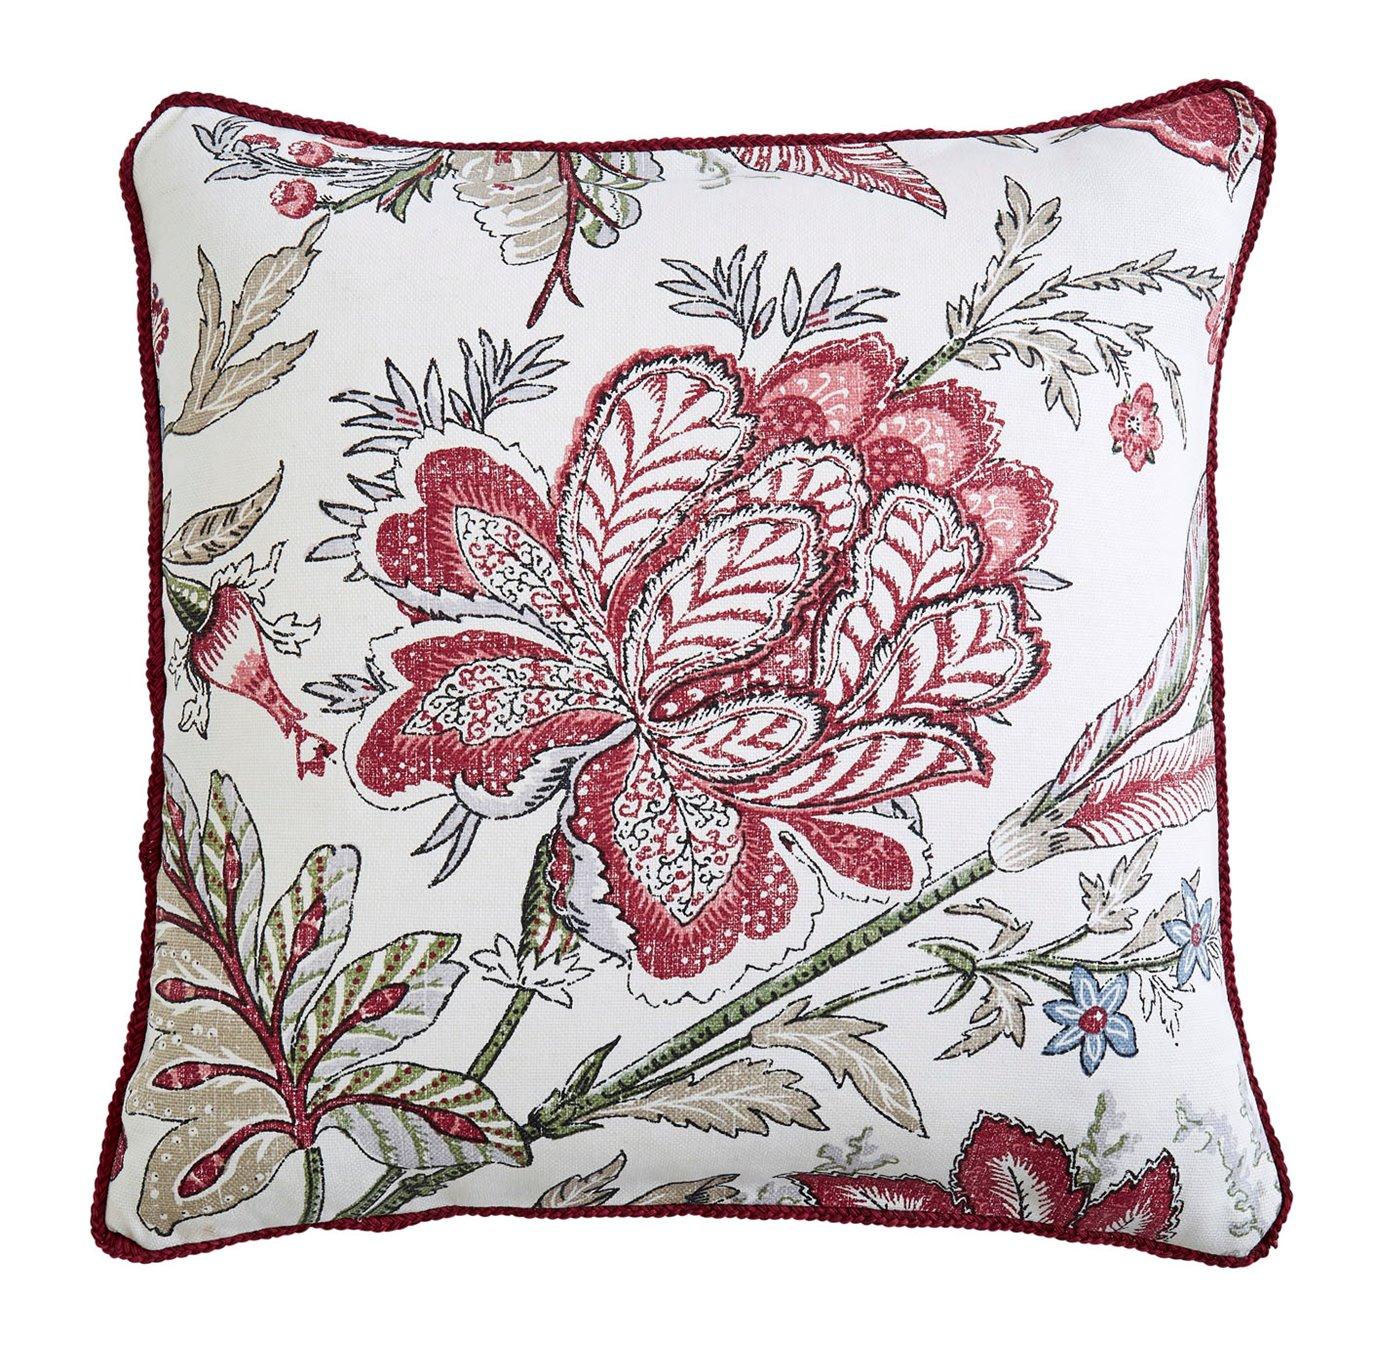 Izabelle 18X18 Decorative Pillow